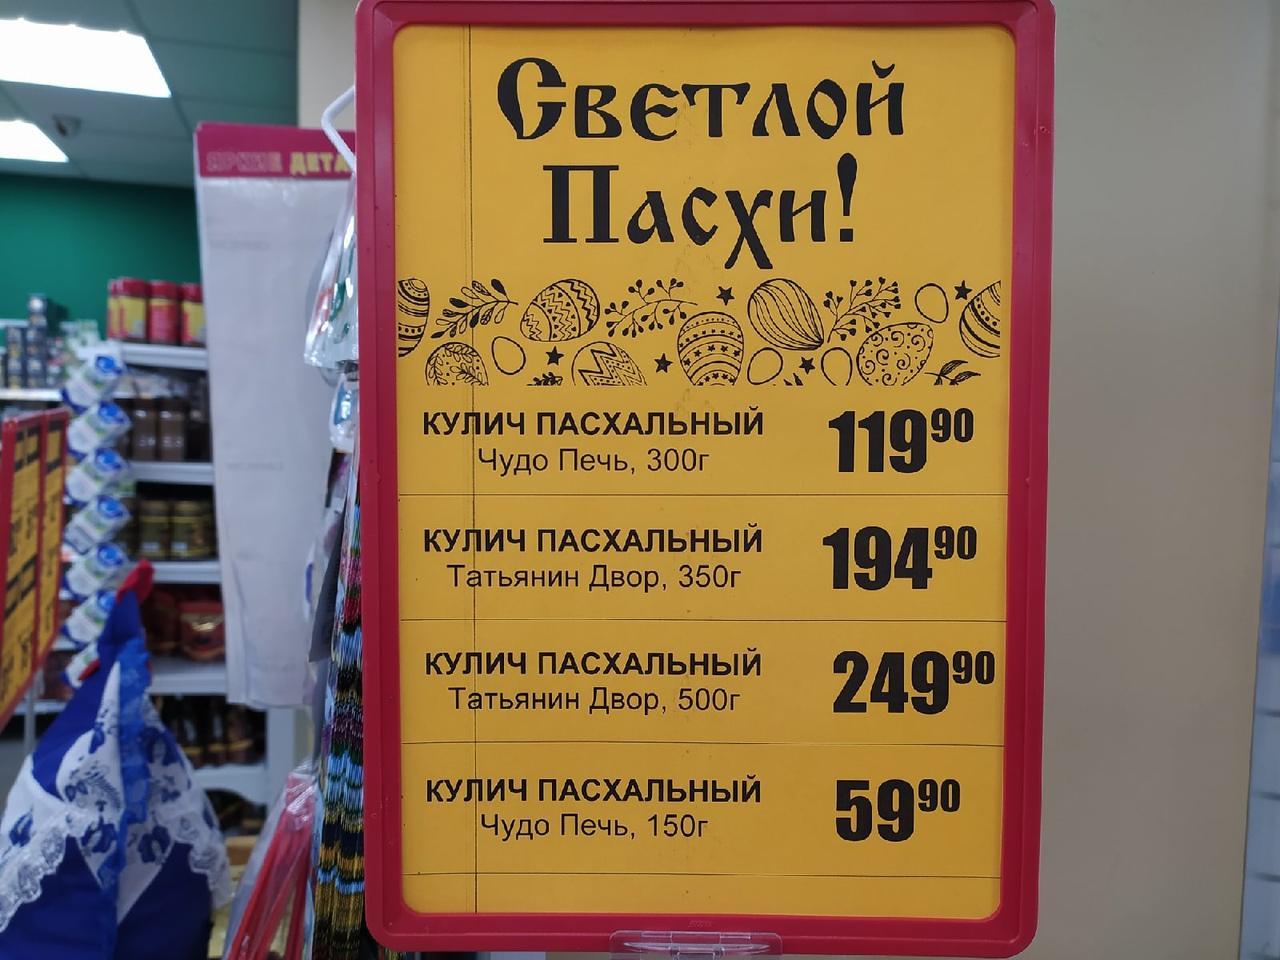 фото Куличи и красители для яиц к Пасхе: обзор цен на праздничные товары в Новосибирске 3